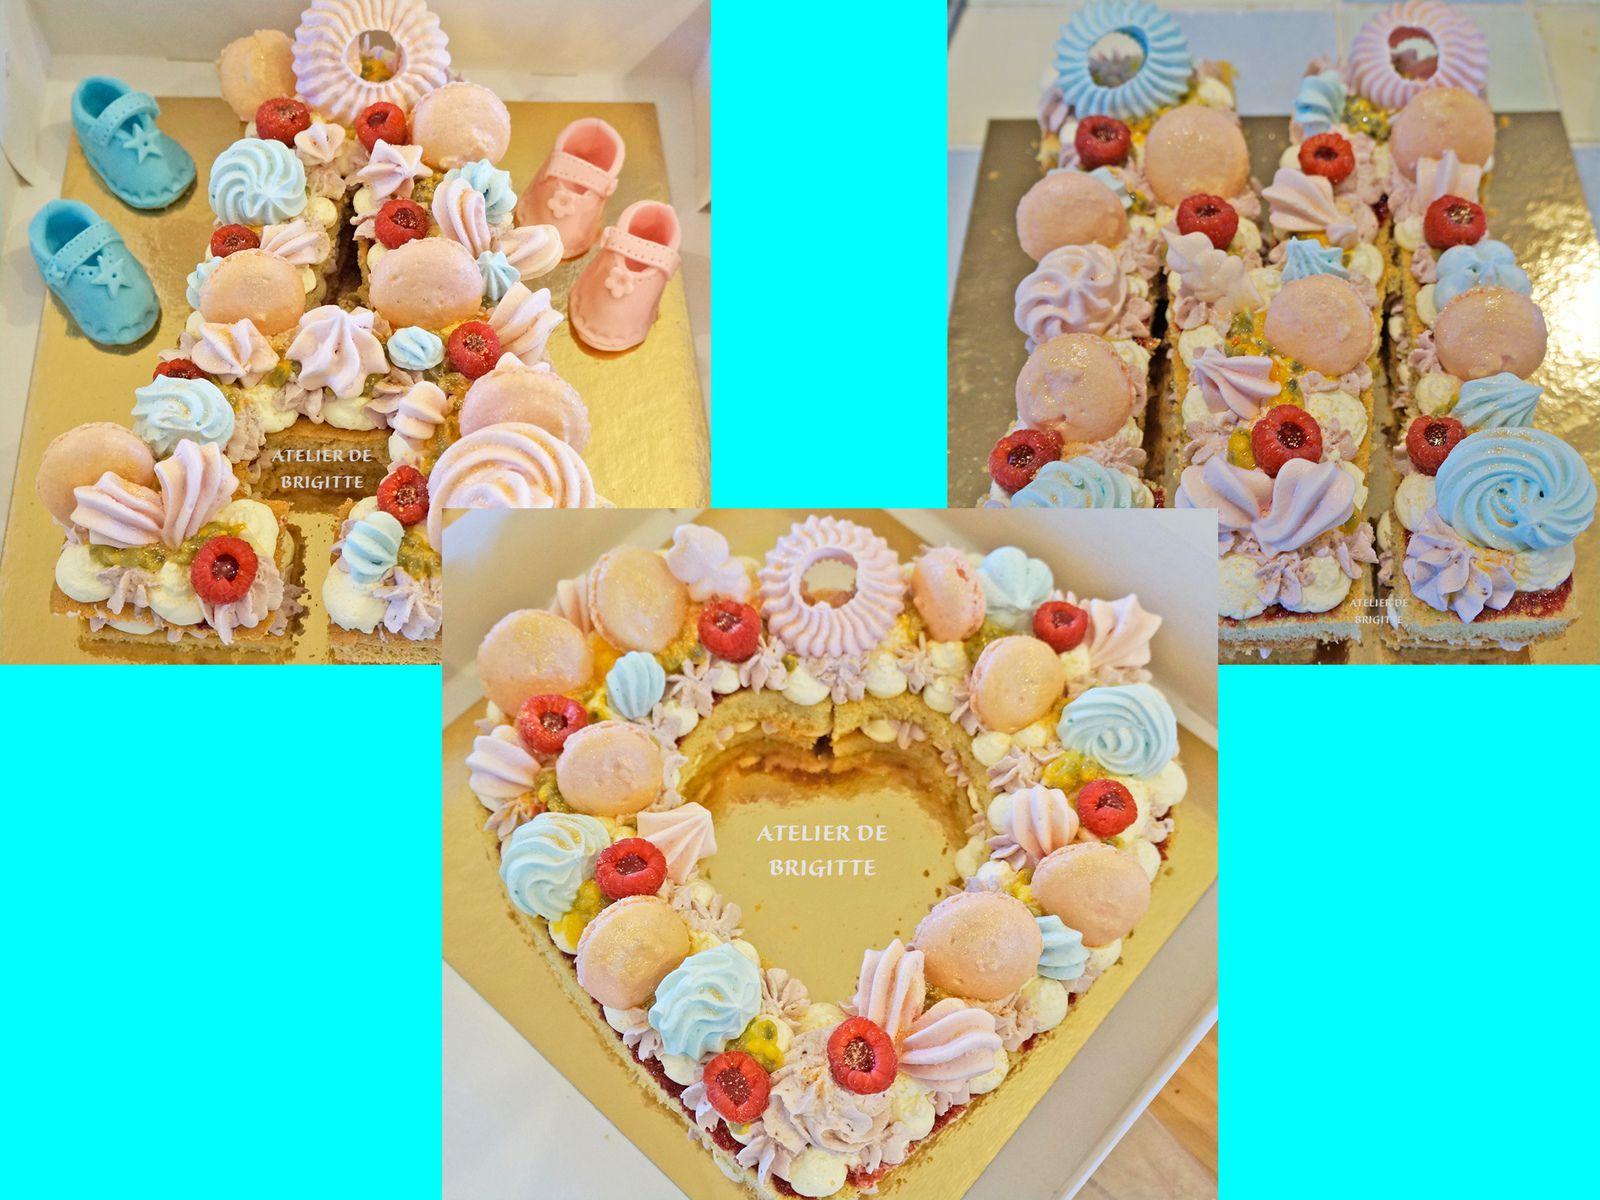 Number cake Framboises et Fruits de la Passion -ATELIER DE BRIGITTE-